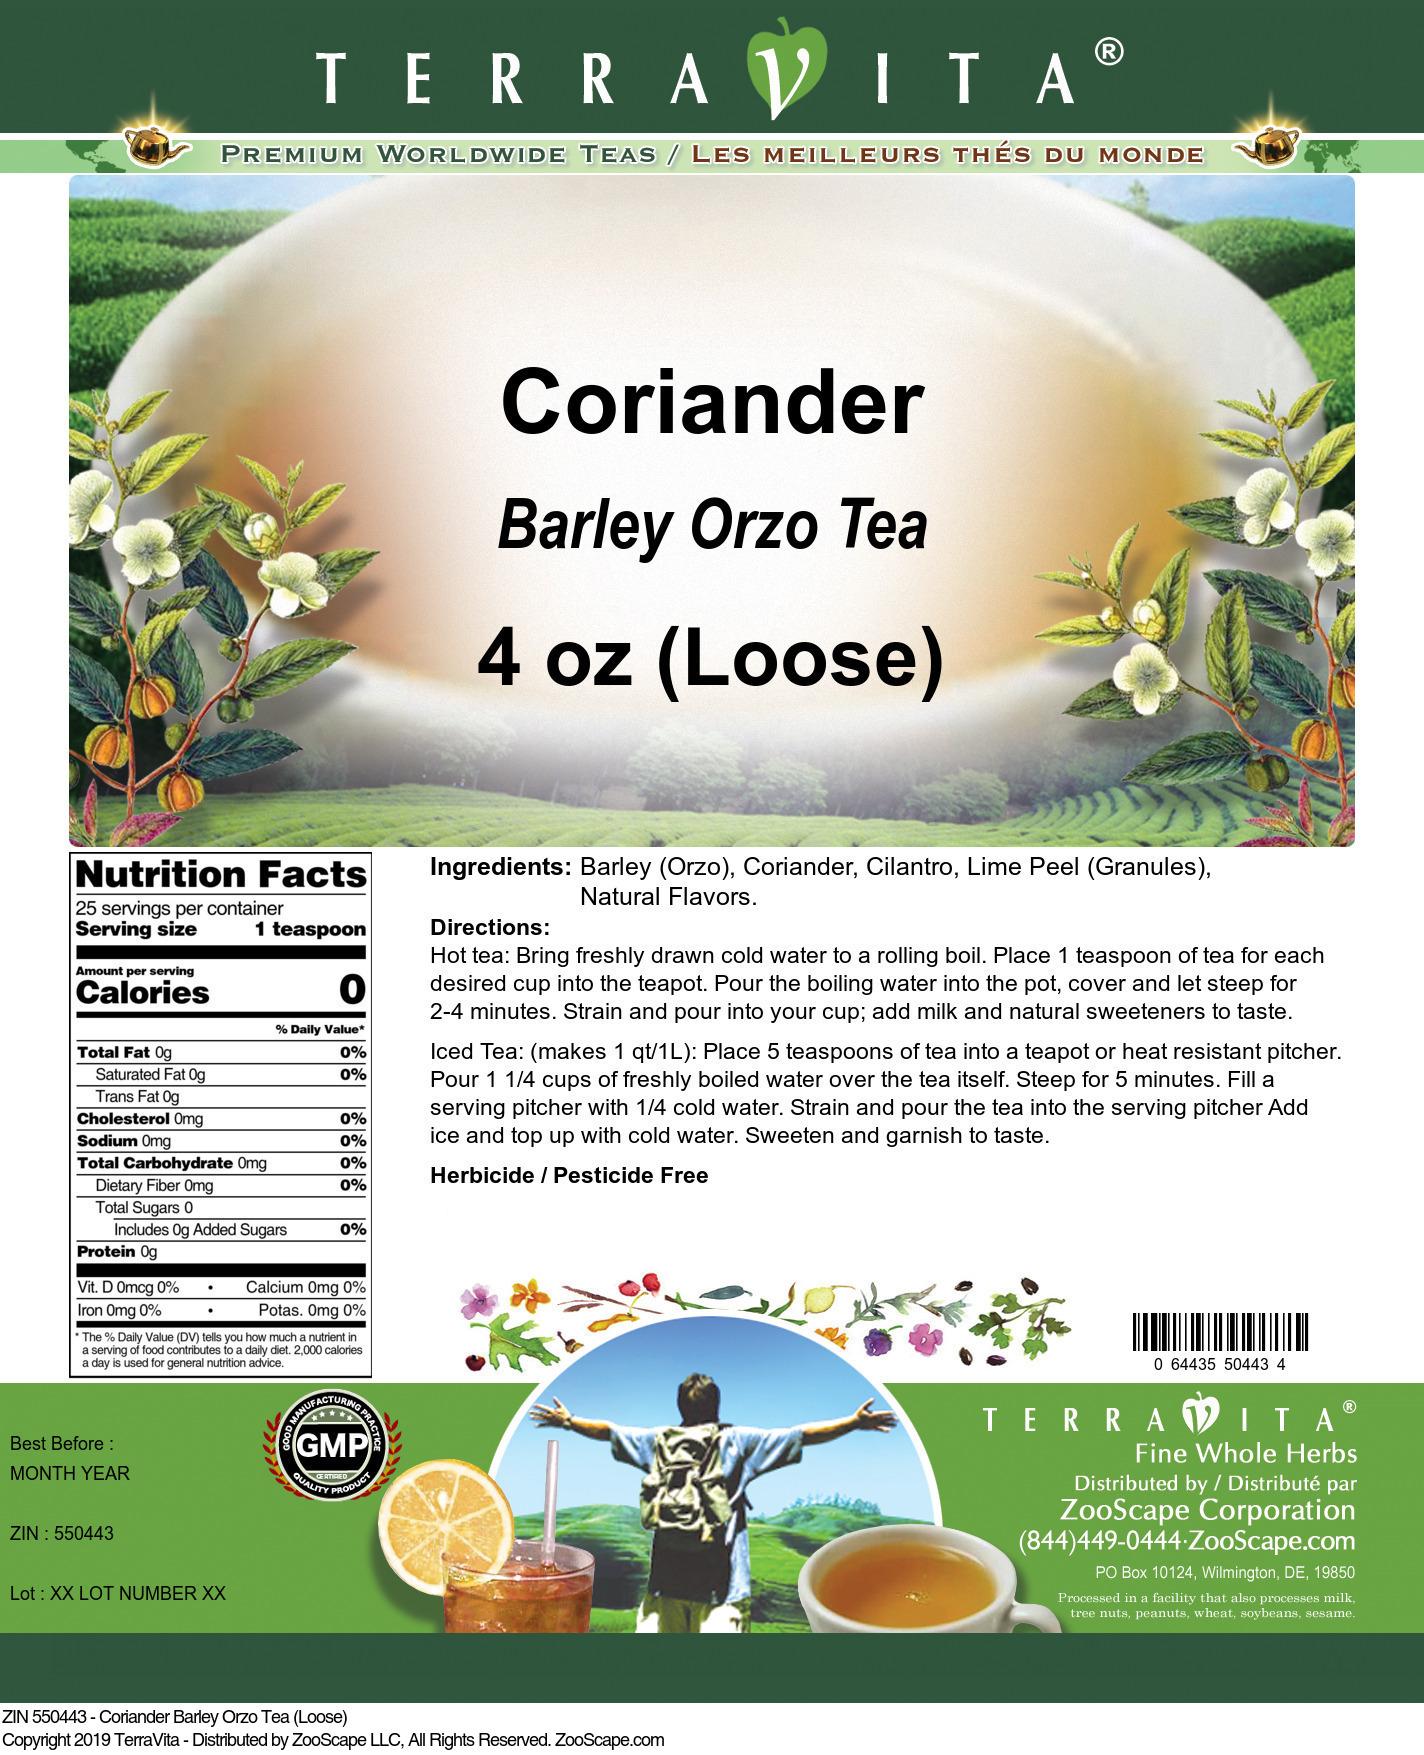 Coriander Barley Orzo Tea (Loose)